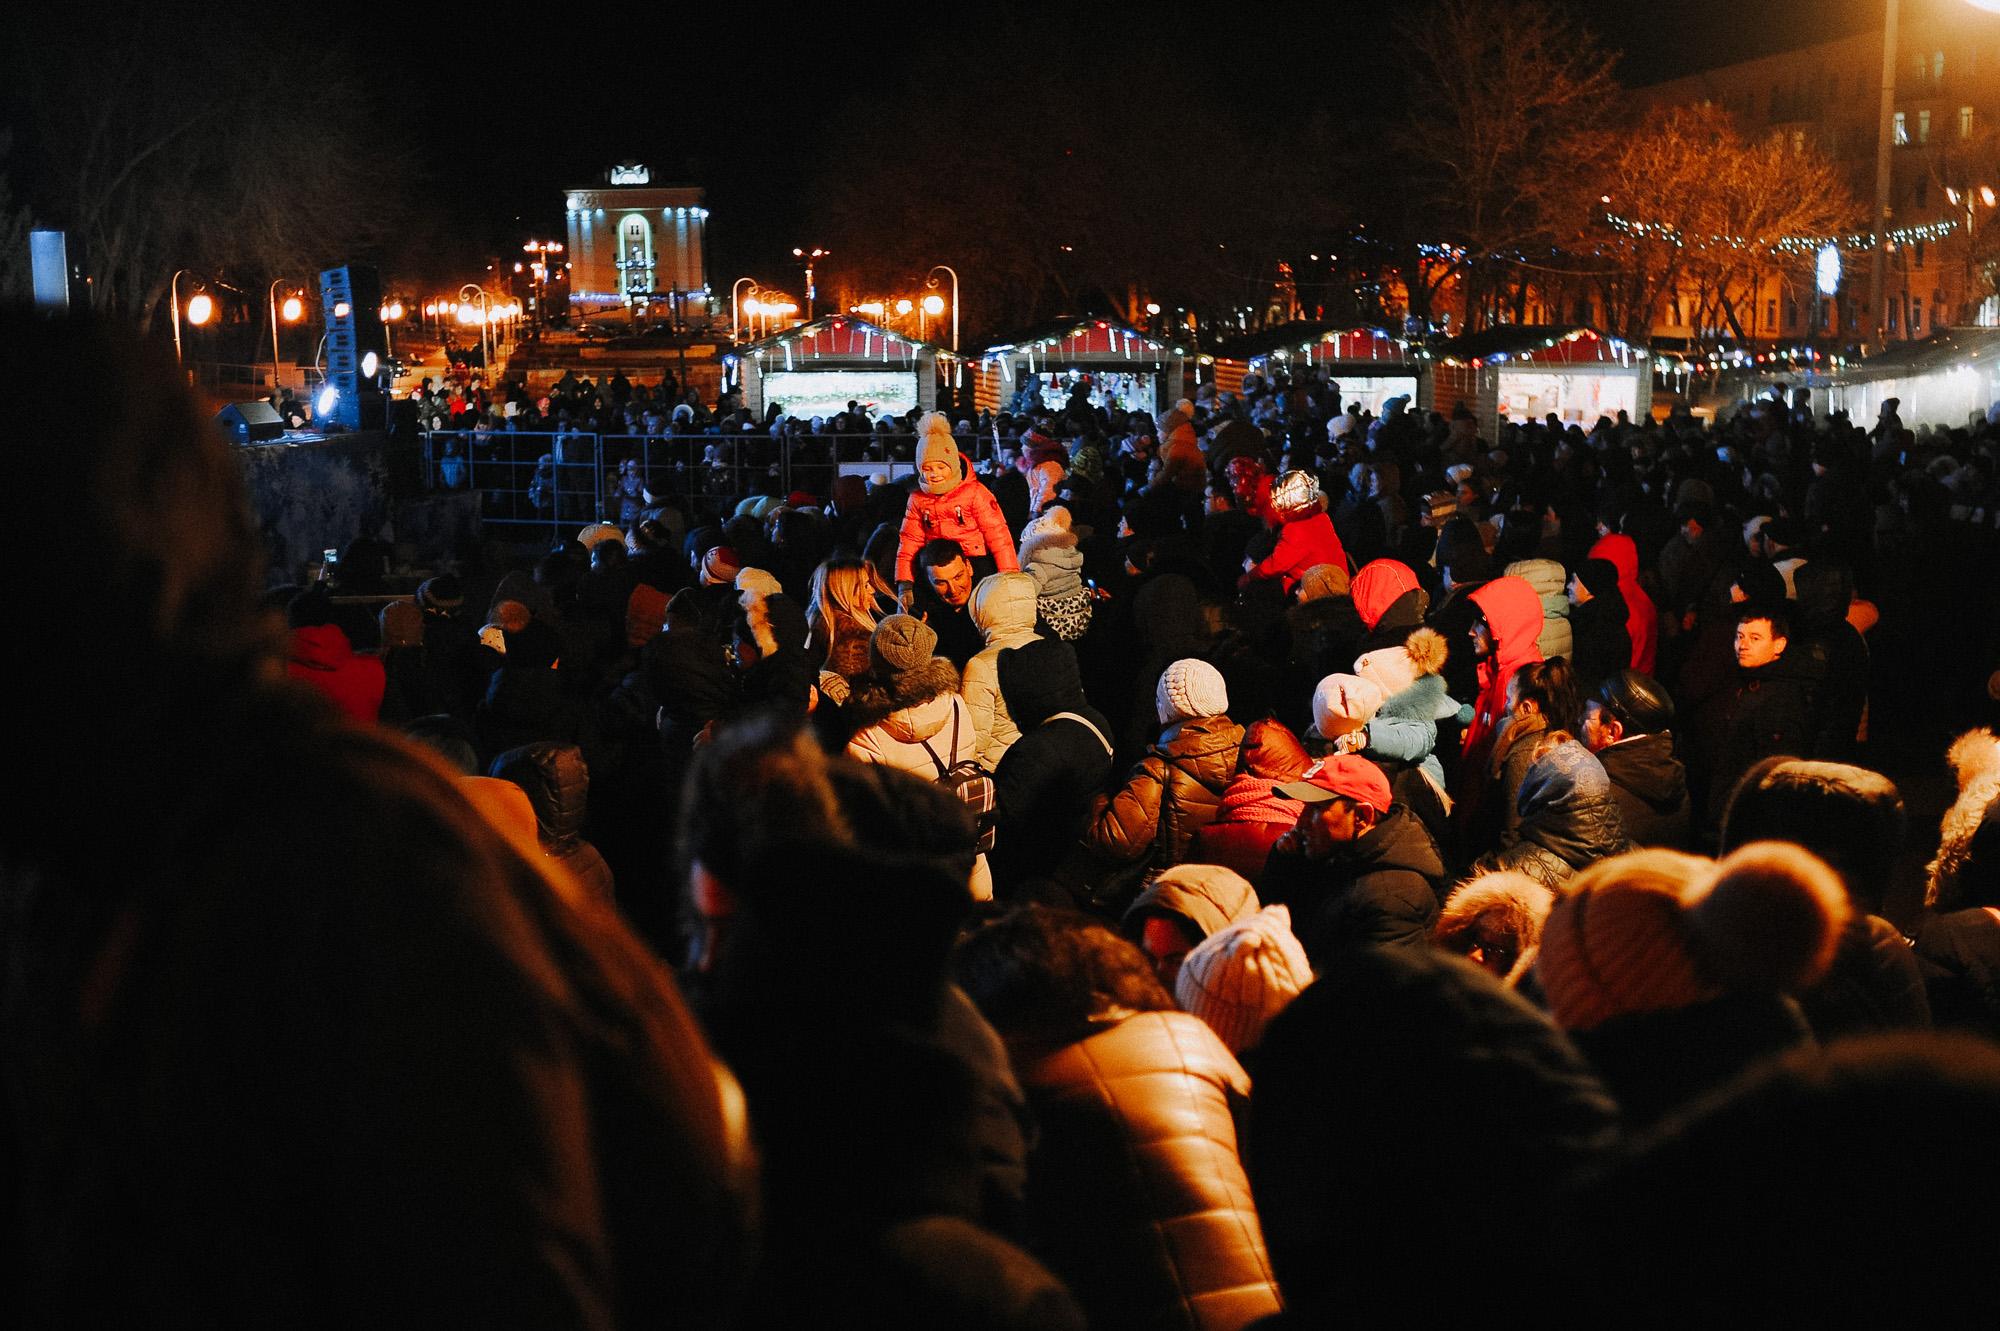 ZZZ 6872 В Астрахани на площади Ленина зажгли новогоднюю елку: кадры торжества